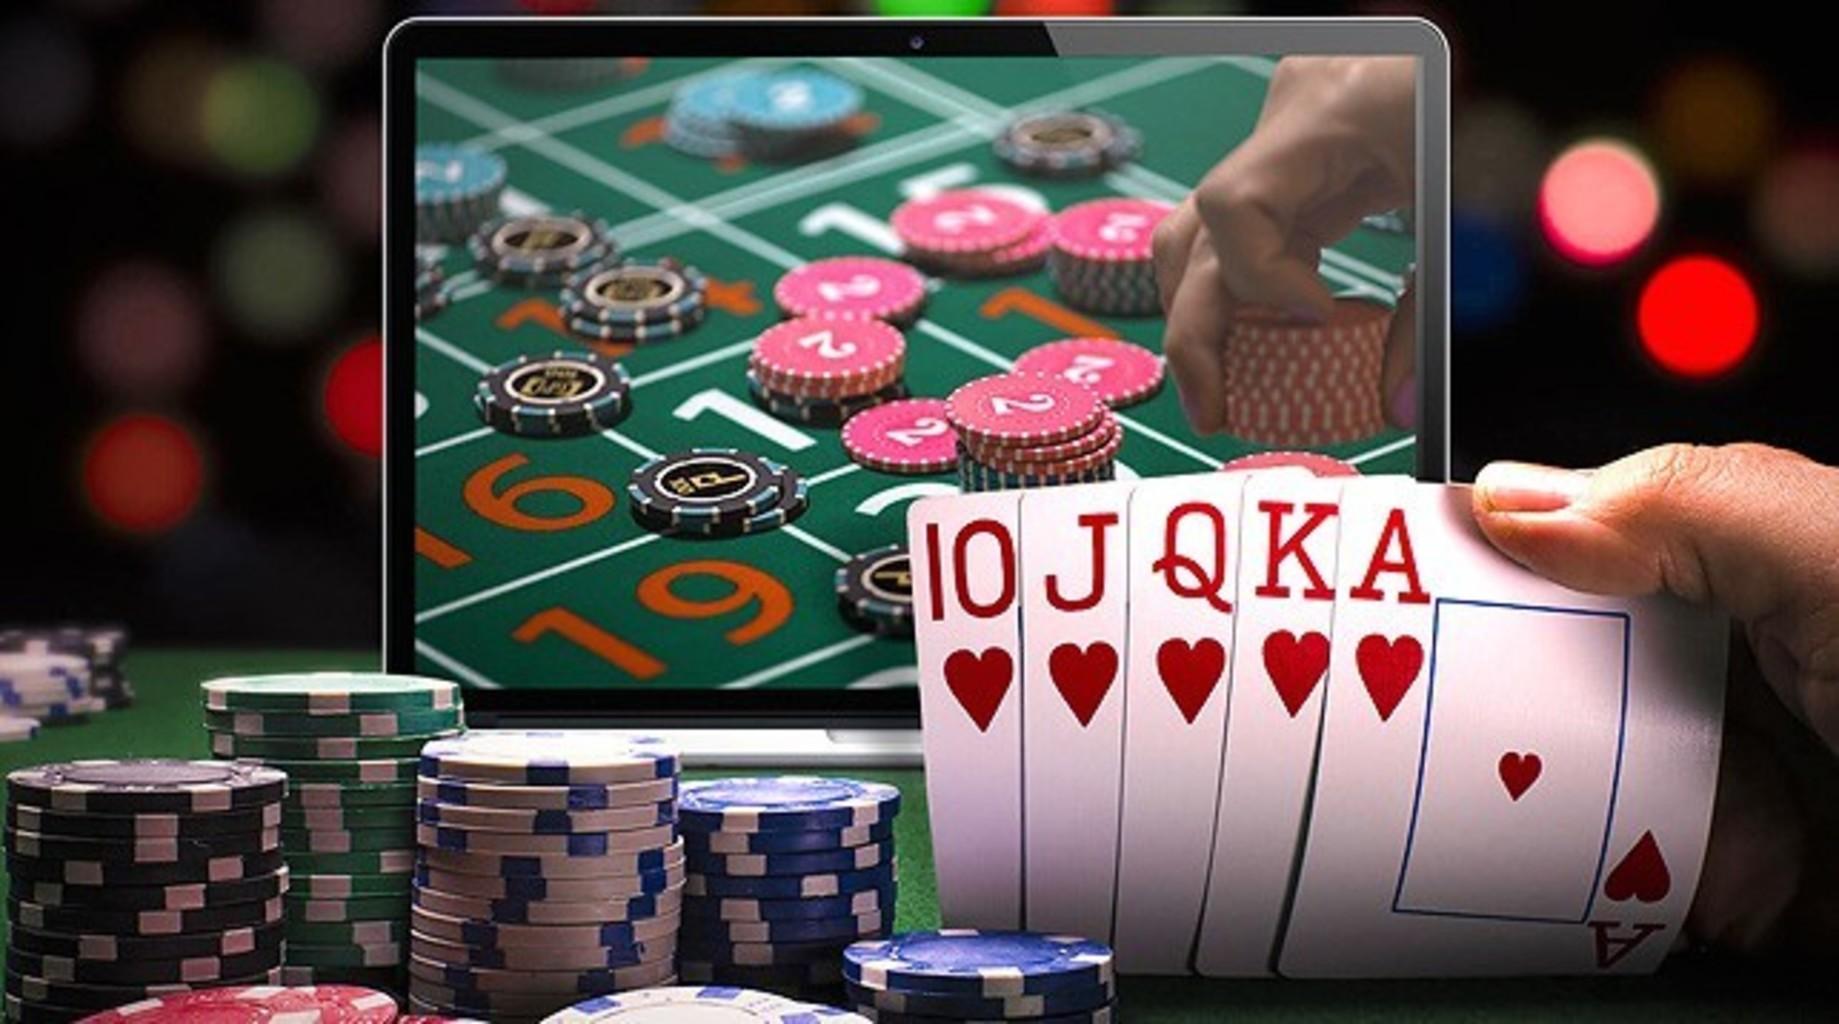 официальный сайт интернет казино онлайн бесплатно